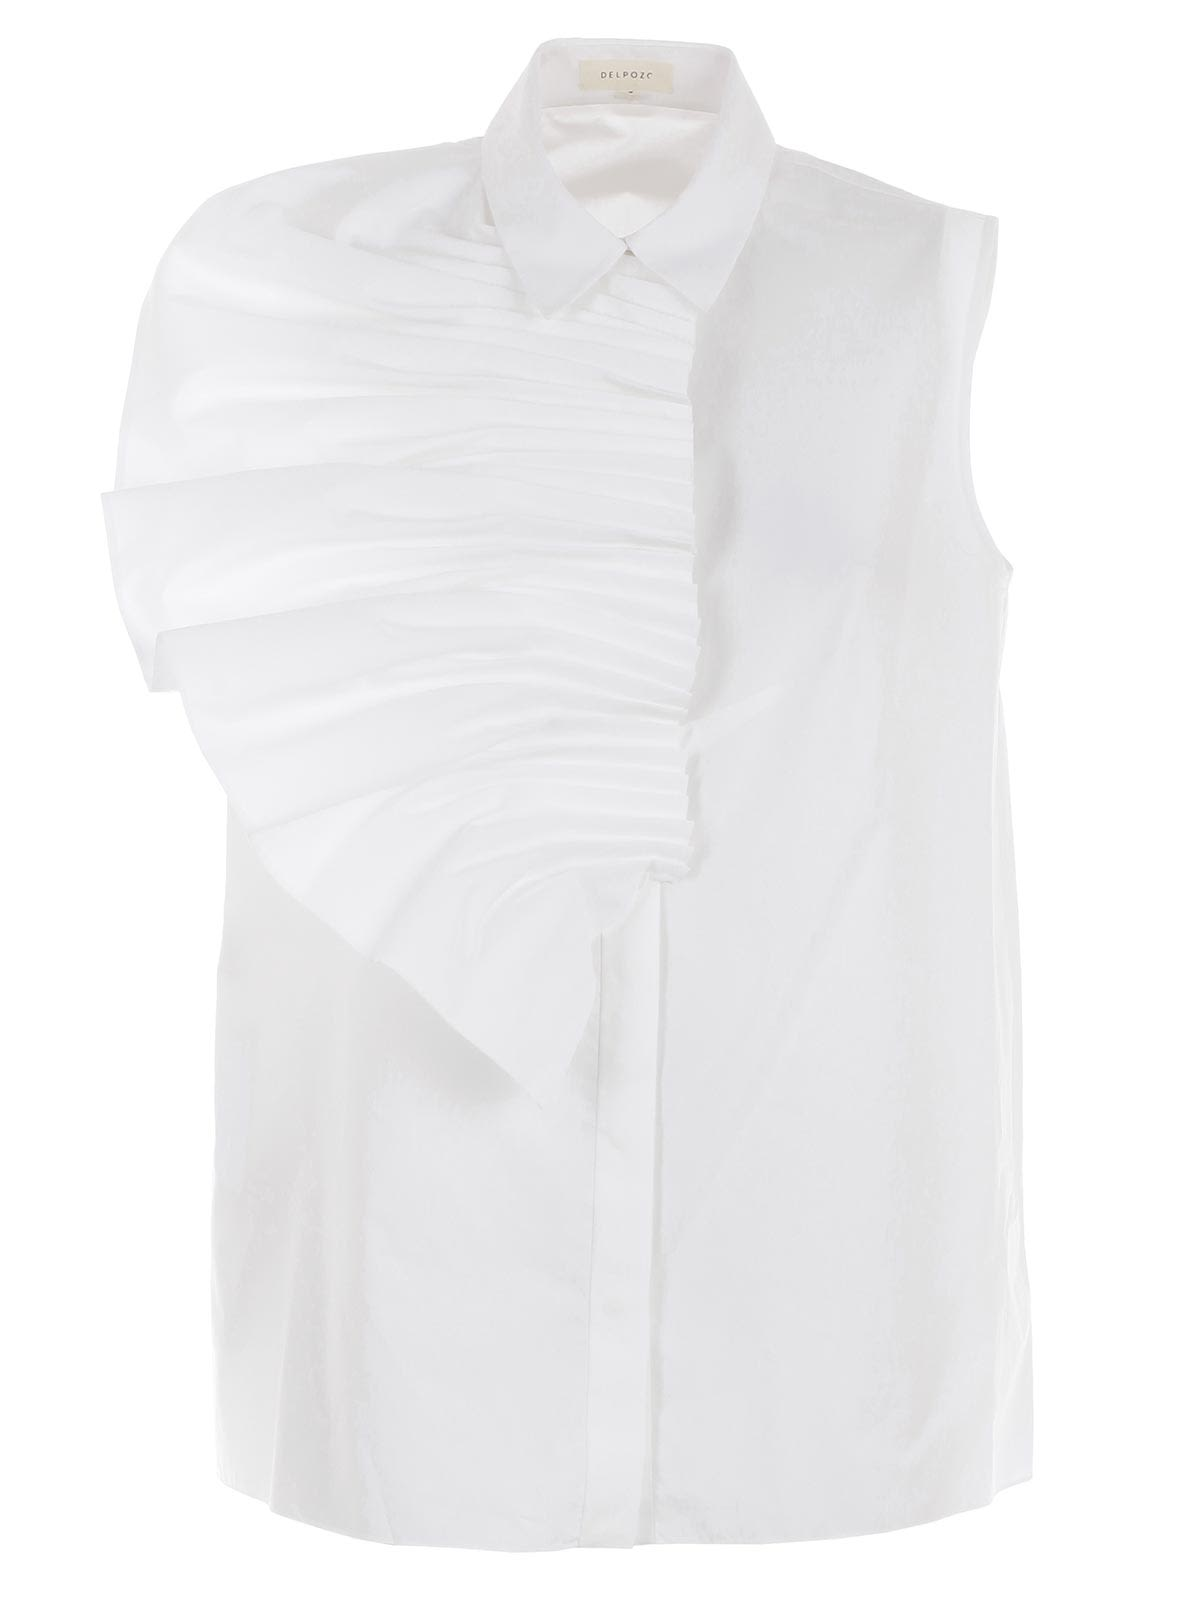 Delpozo Shirt